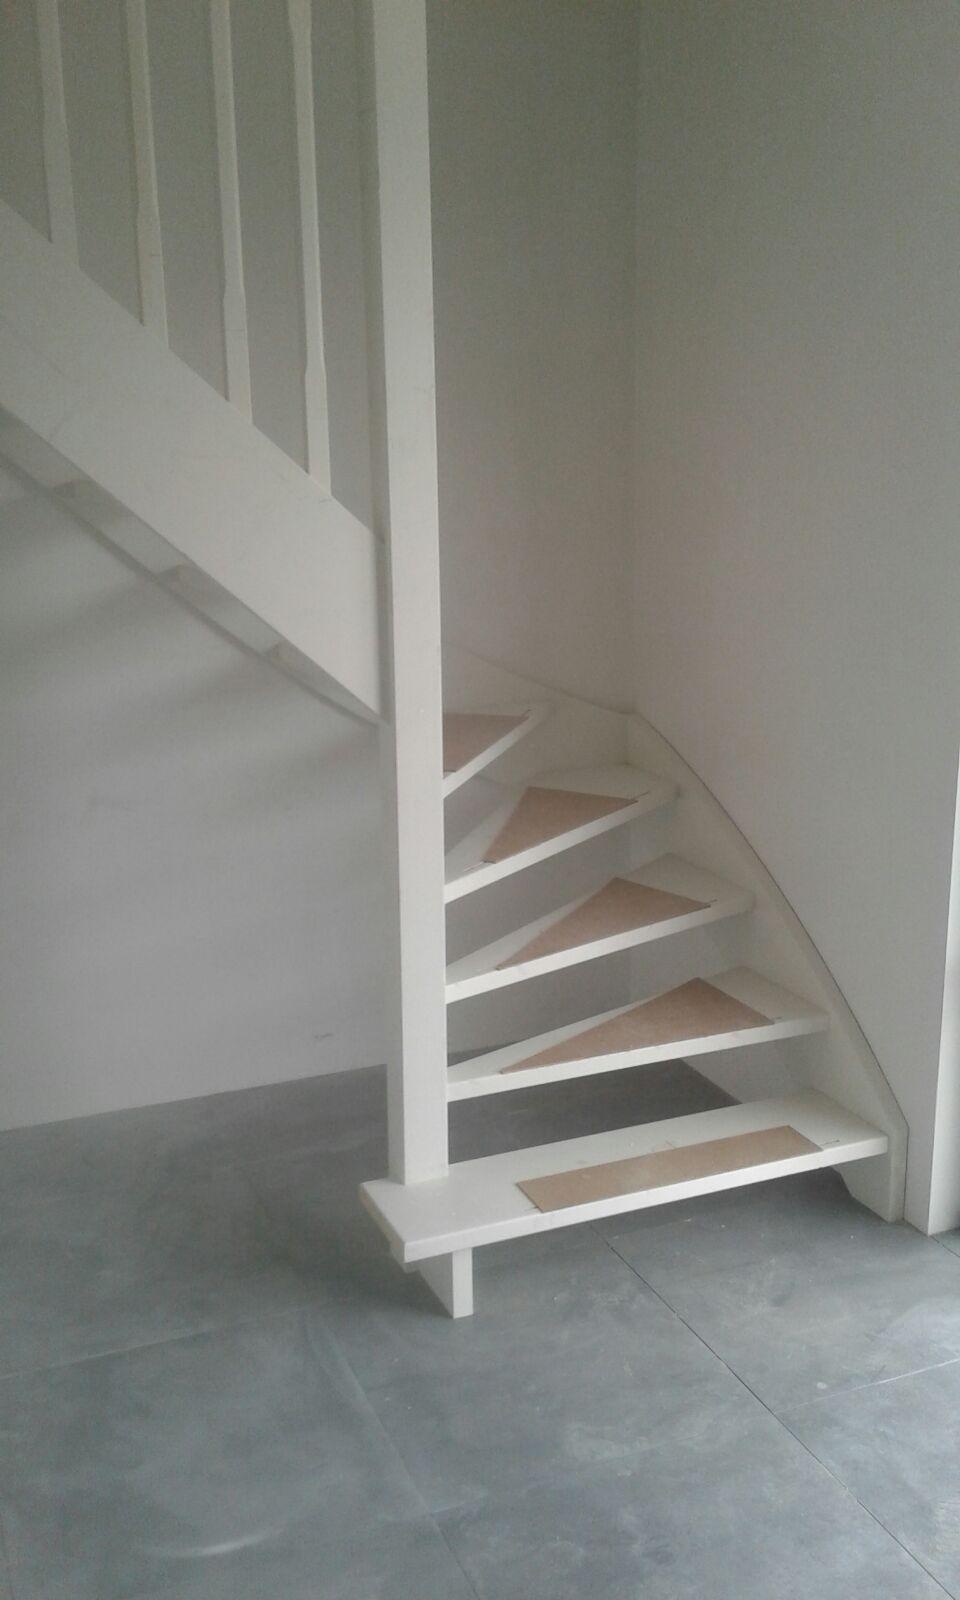 Genoeg Vuren gegrond open trap. | Ideeën voor het huis - Stairs, Home @ML38